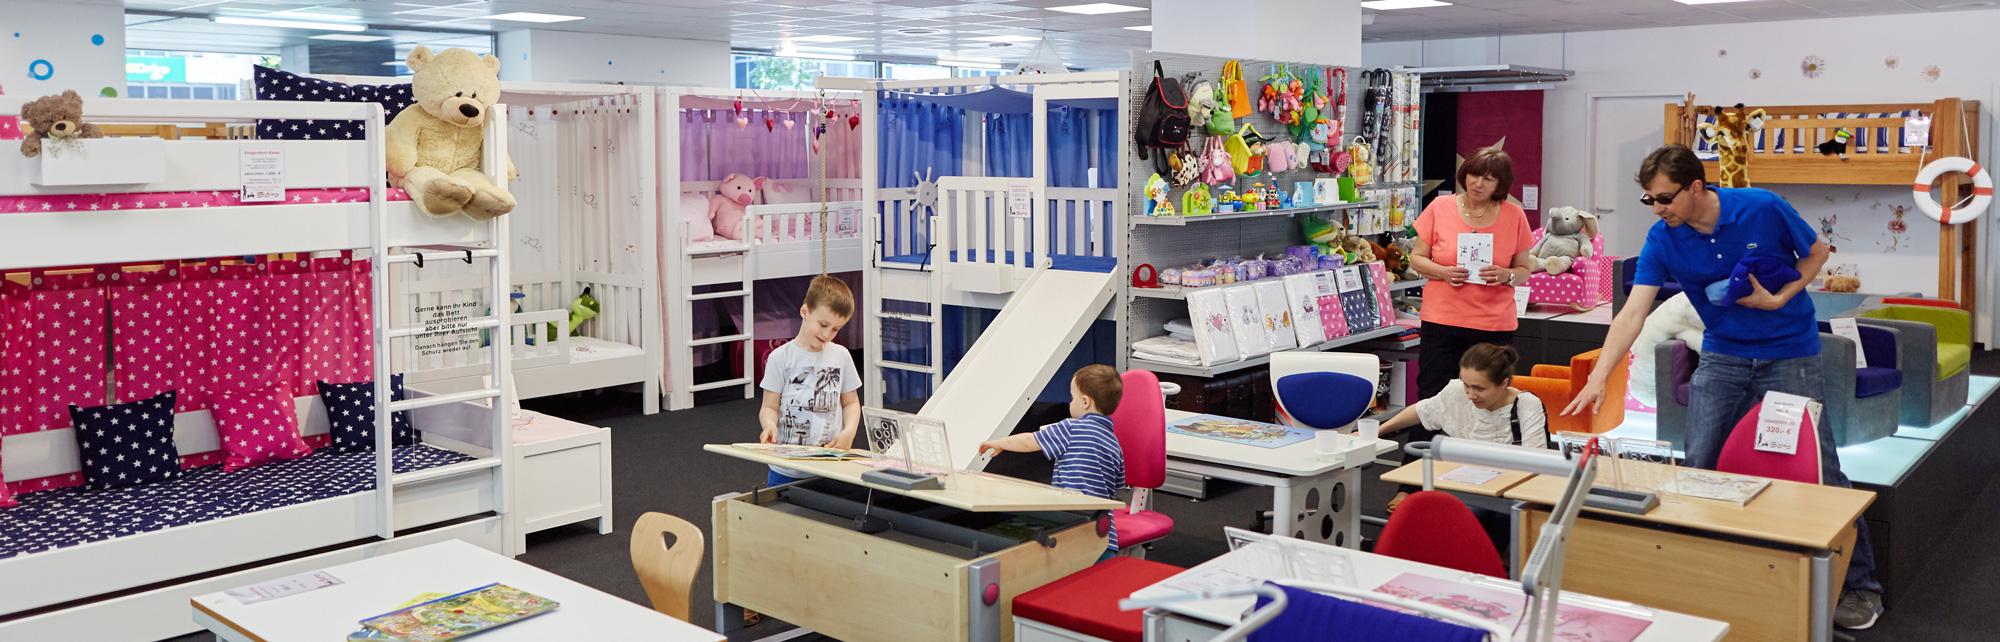 SALTO Münchner Fachgeschäft für Kindermöbel